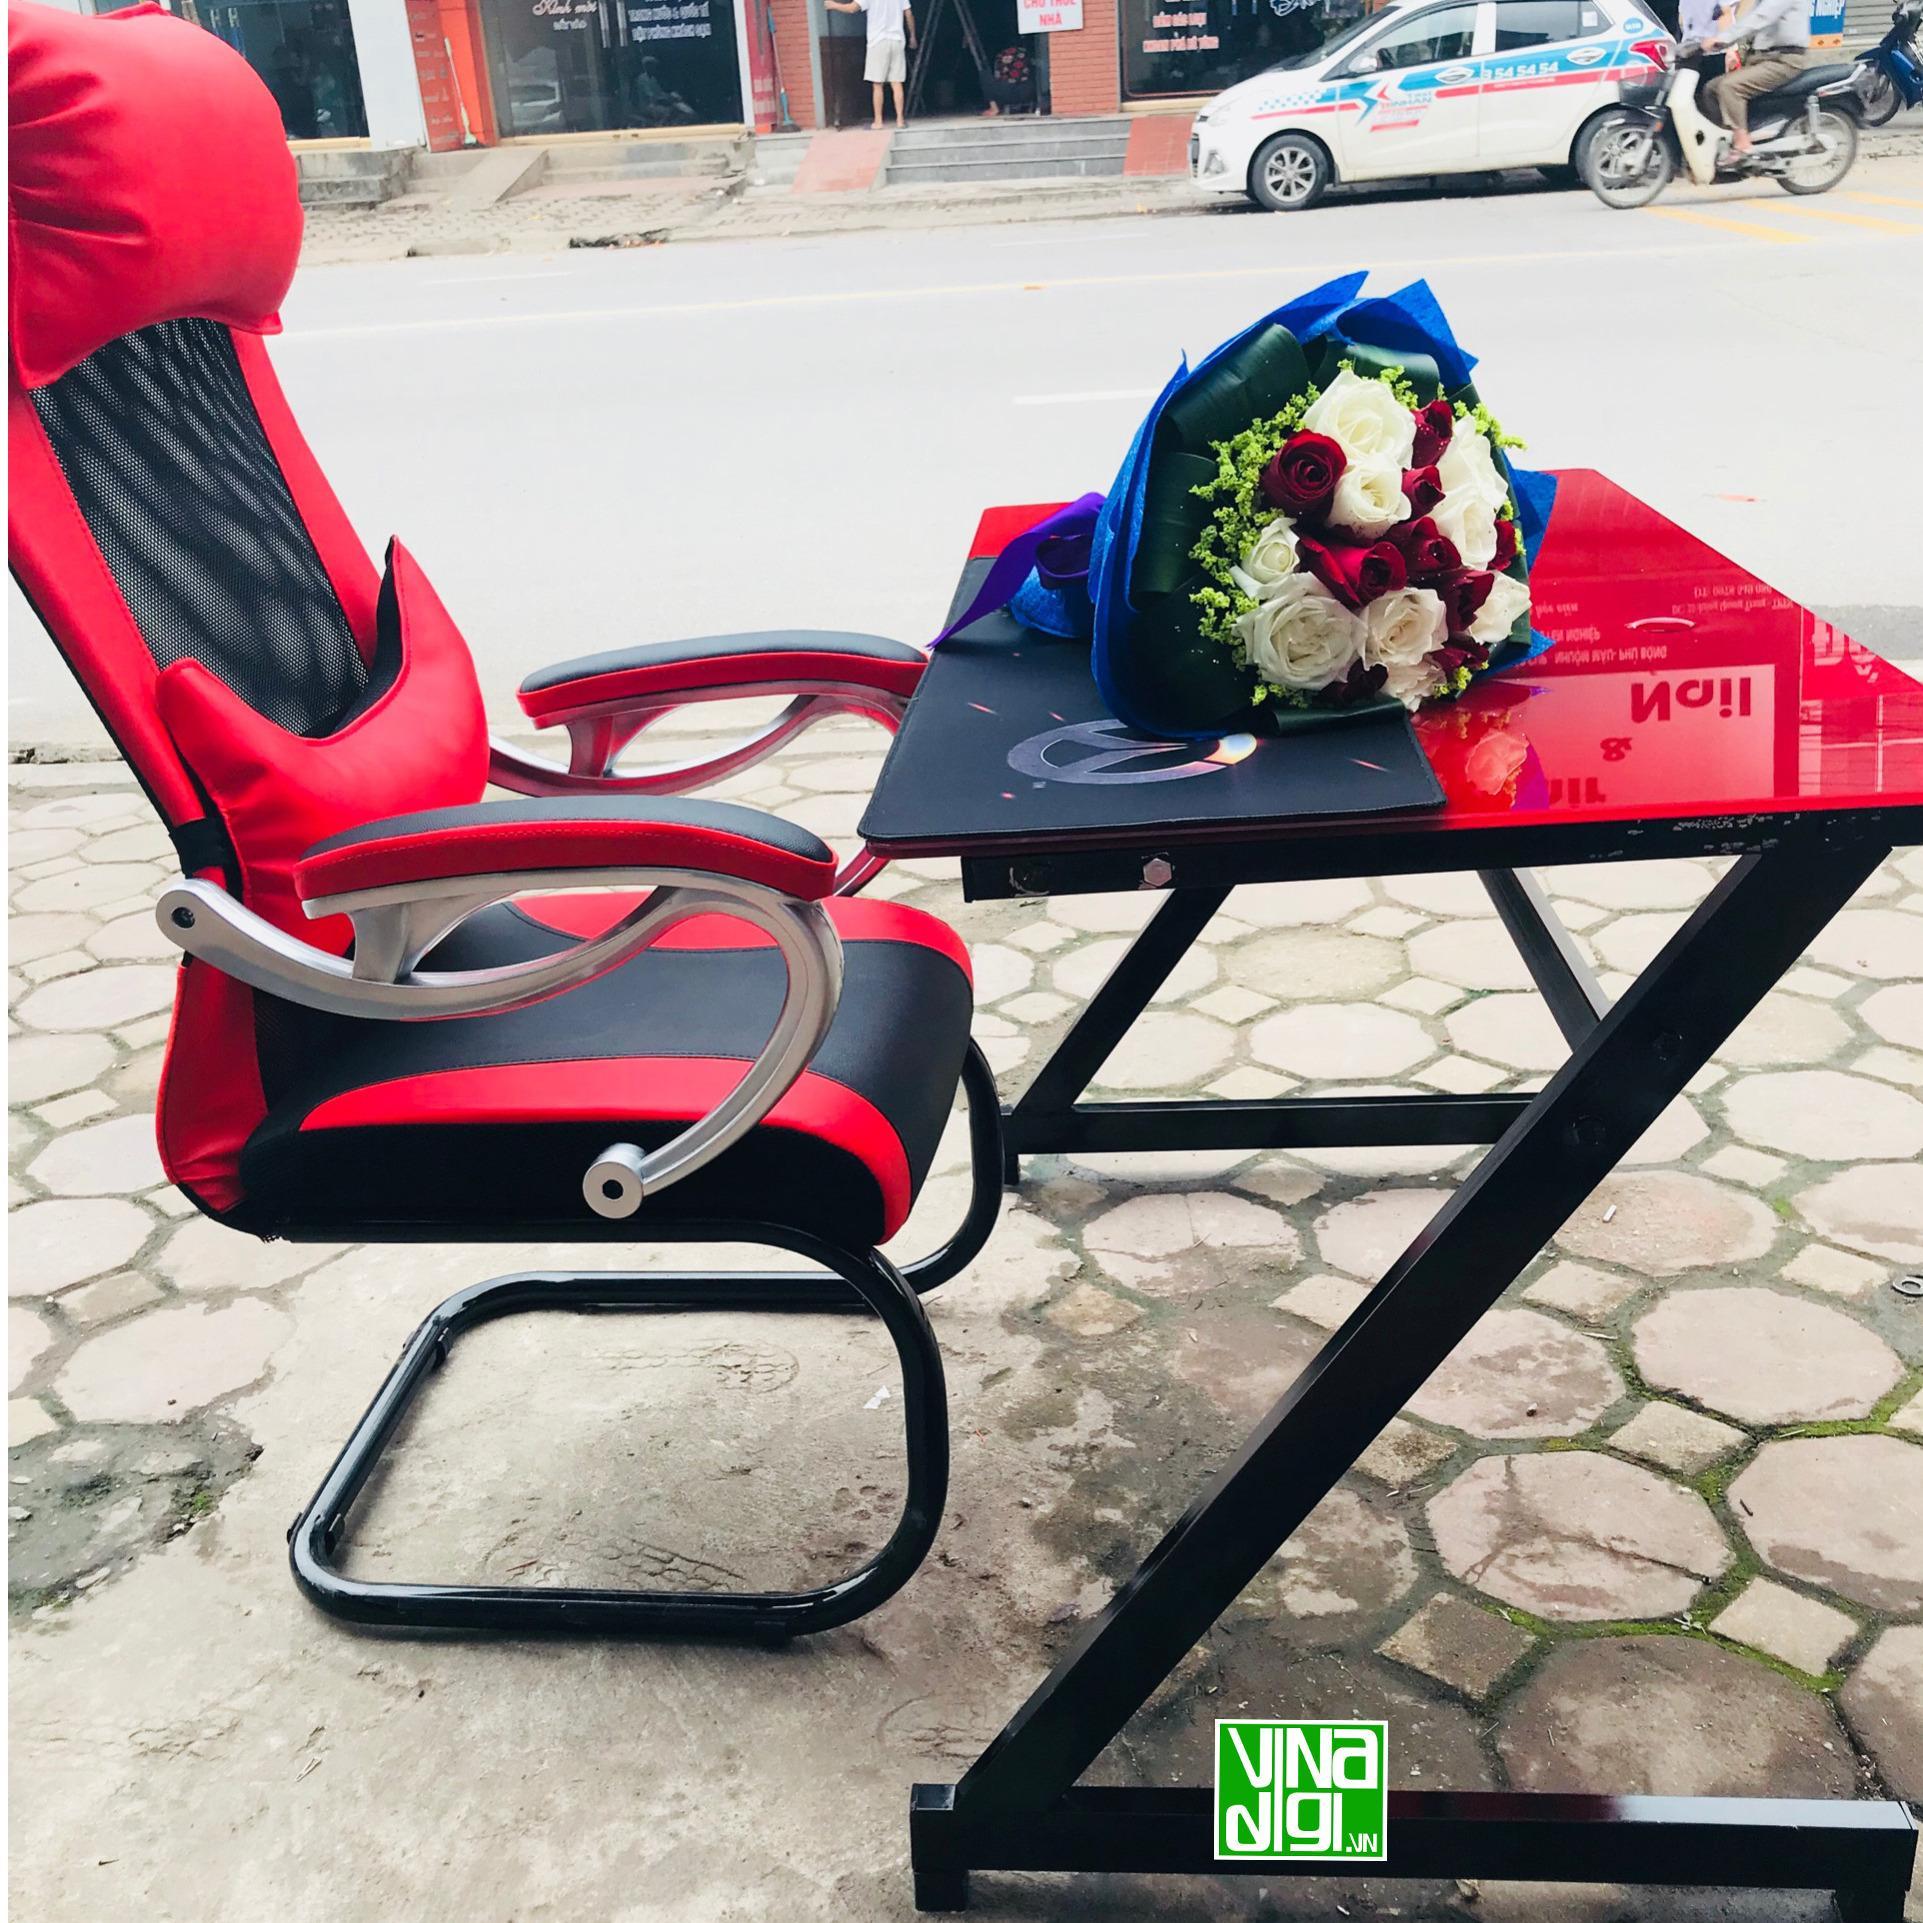 Bán Www Emvina Com Ghế Chơi Game G32 Ghế G32 Co Bảo Hanh Sản Phẩm Emvina Huyền Thoại Thich Hợp Lam Ghế Văn Phong Ghế Chơi Game Ghế Gaming Ghế Game Co Khuyến Mai Qua Tặng Có Thương Hiệu